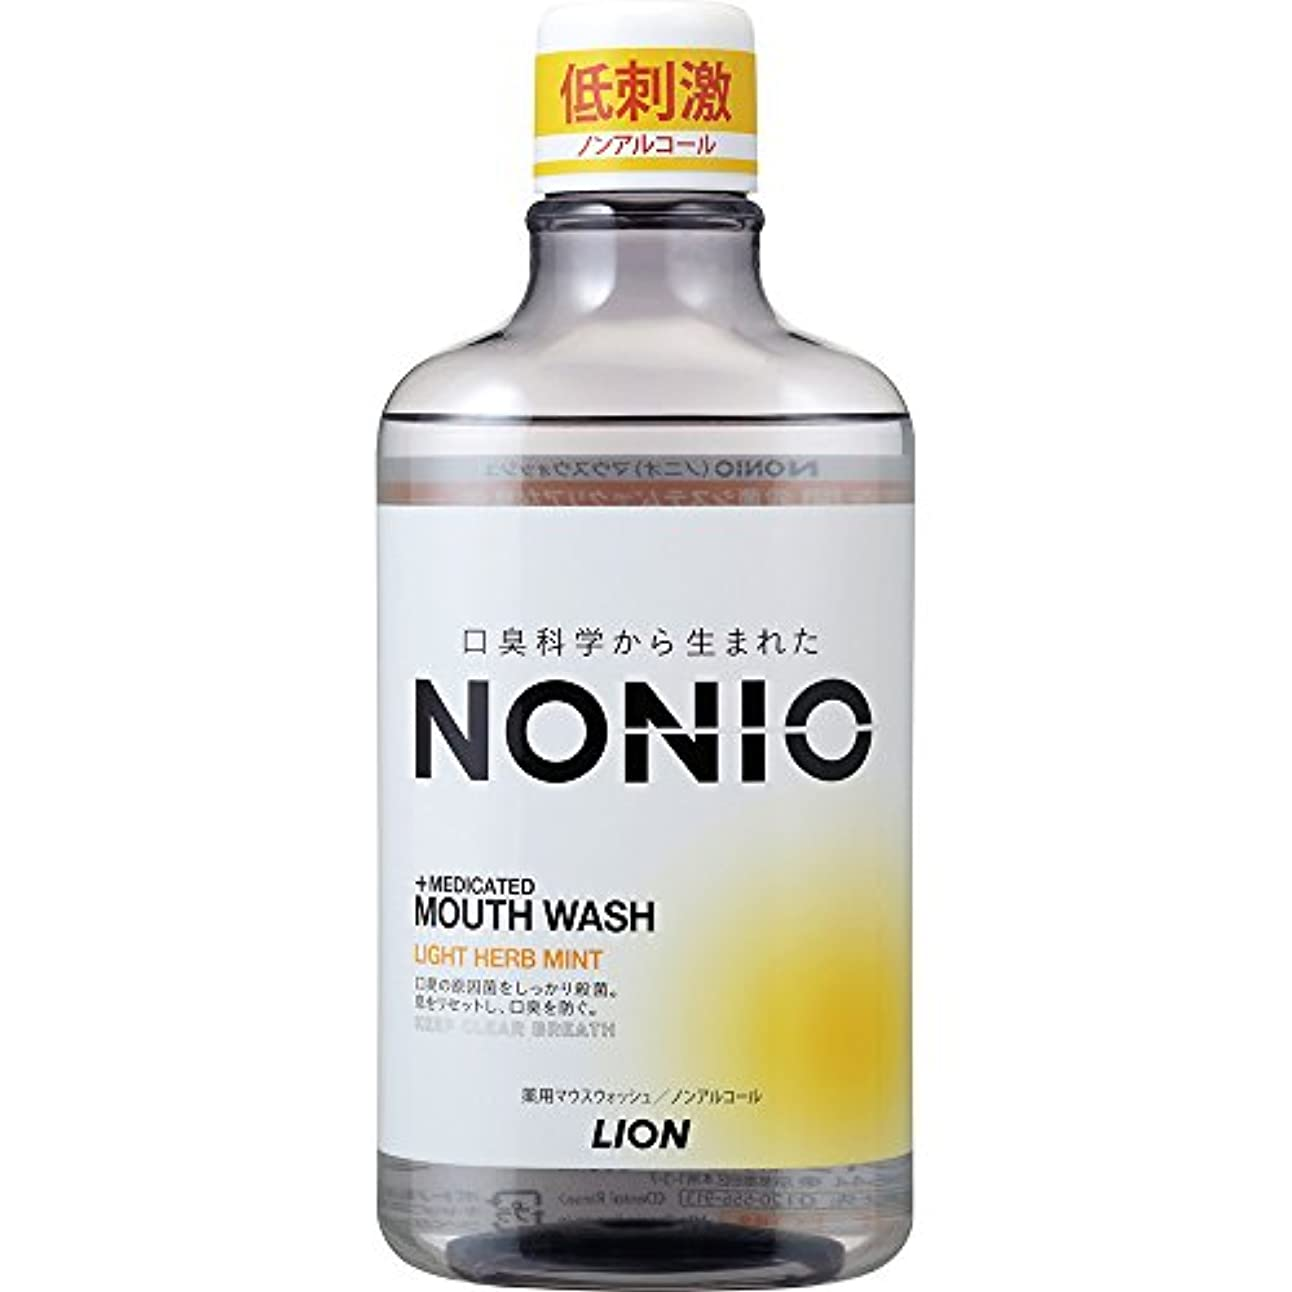 祖父母を訪問経験緊急[医薬部外品]NONIO マウスウォッシュ ノンアルコール ライトハーブミント 600ml 洗口液